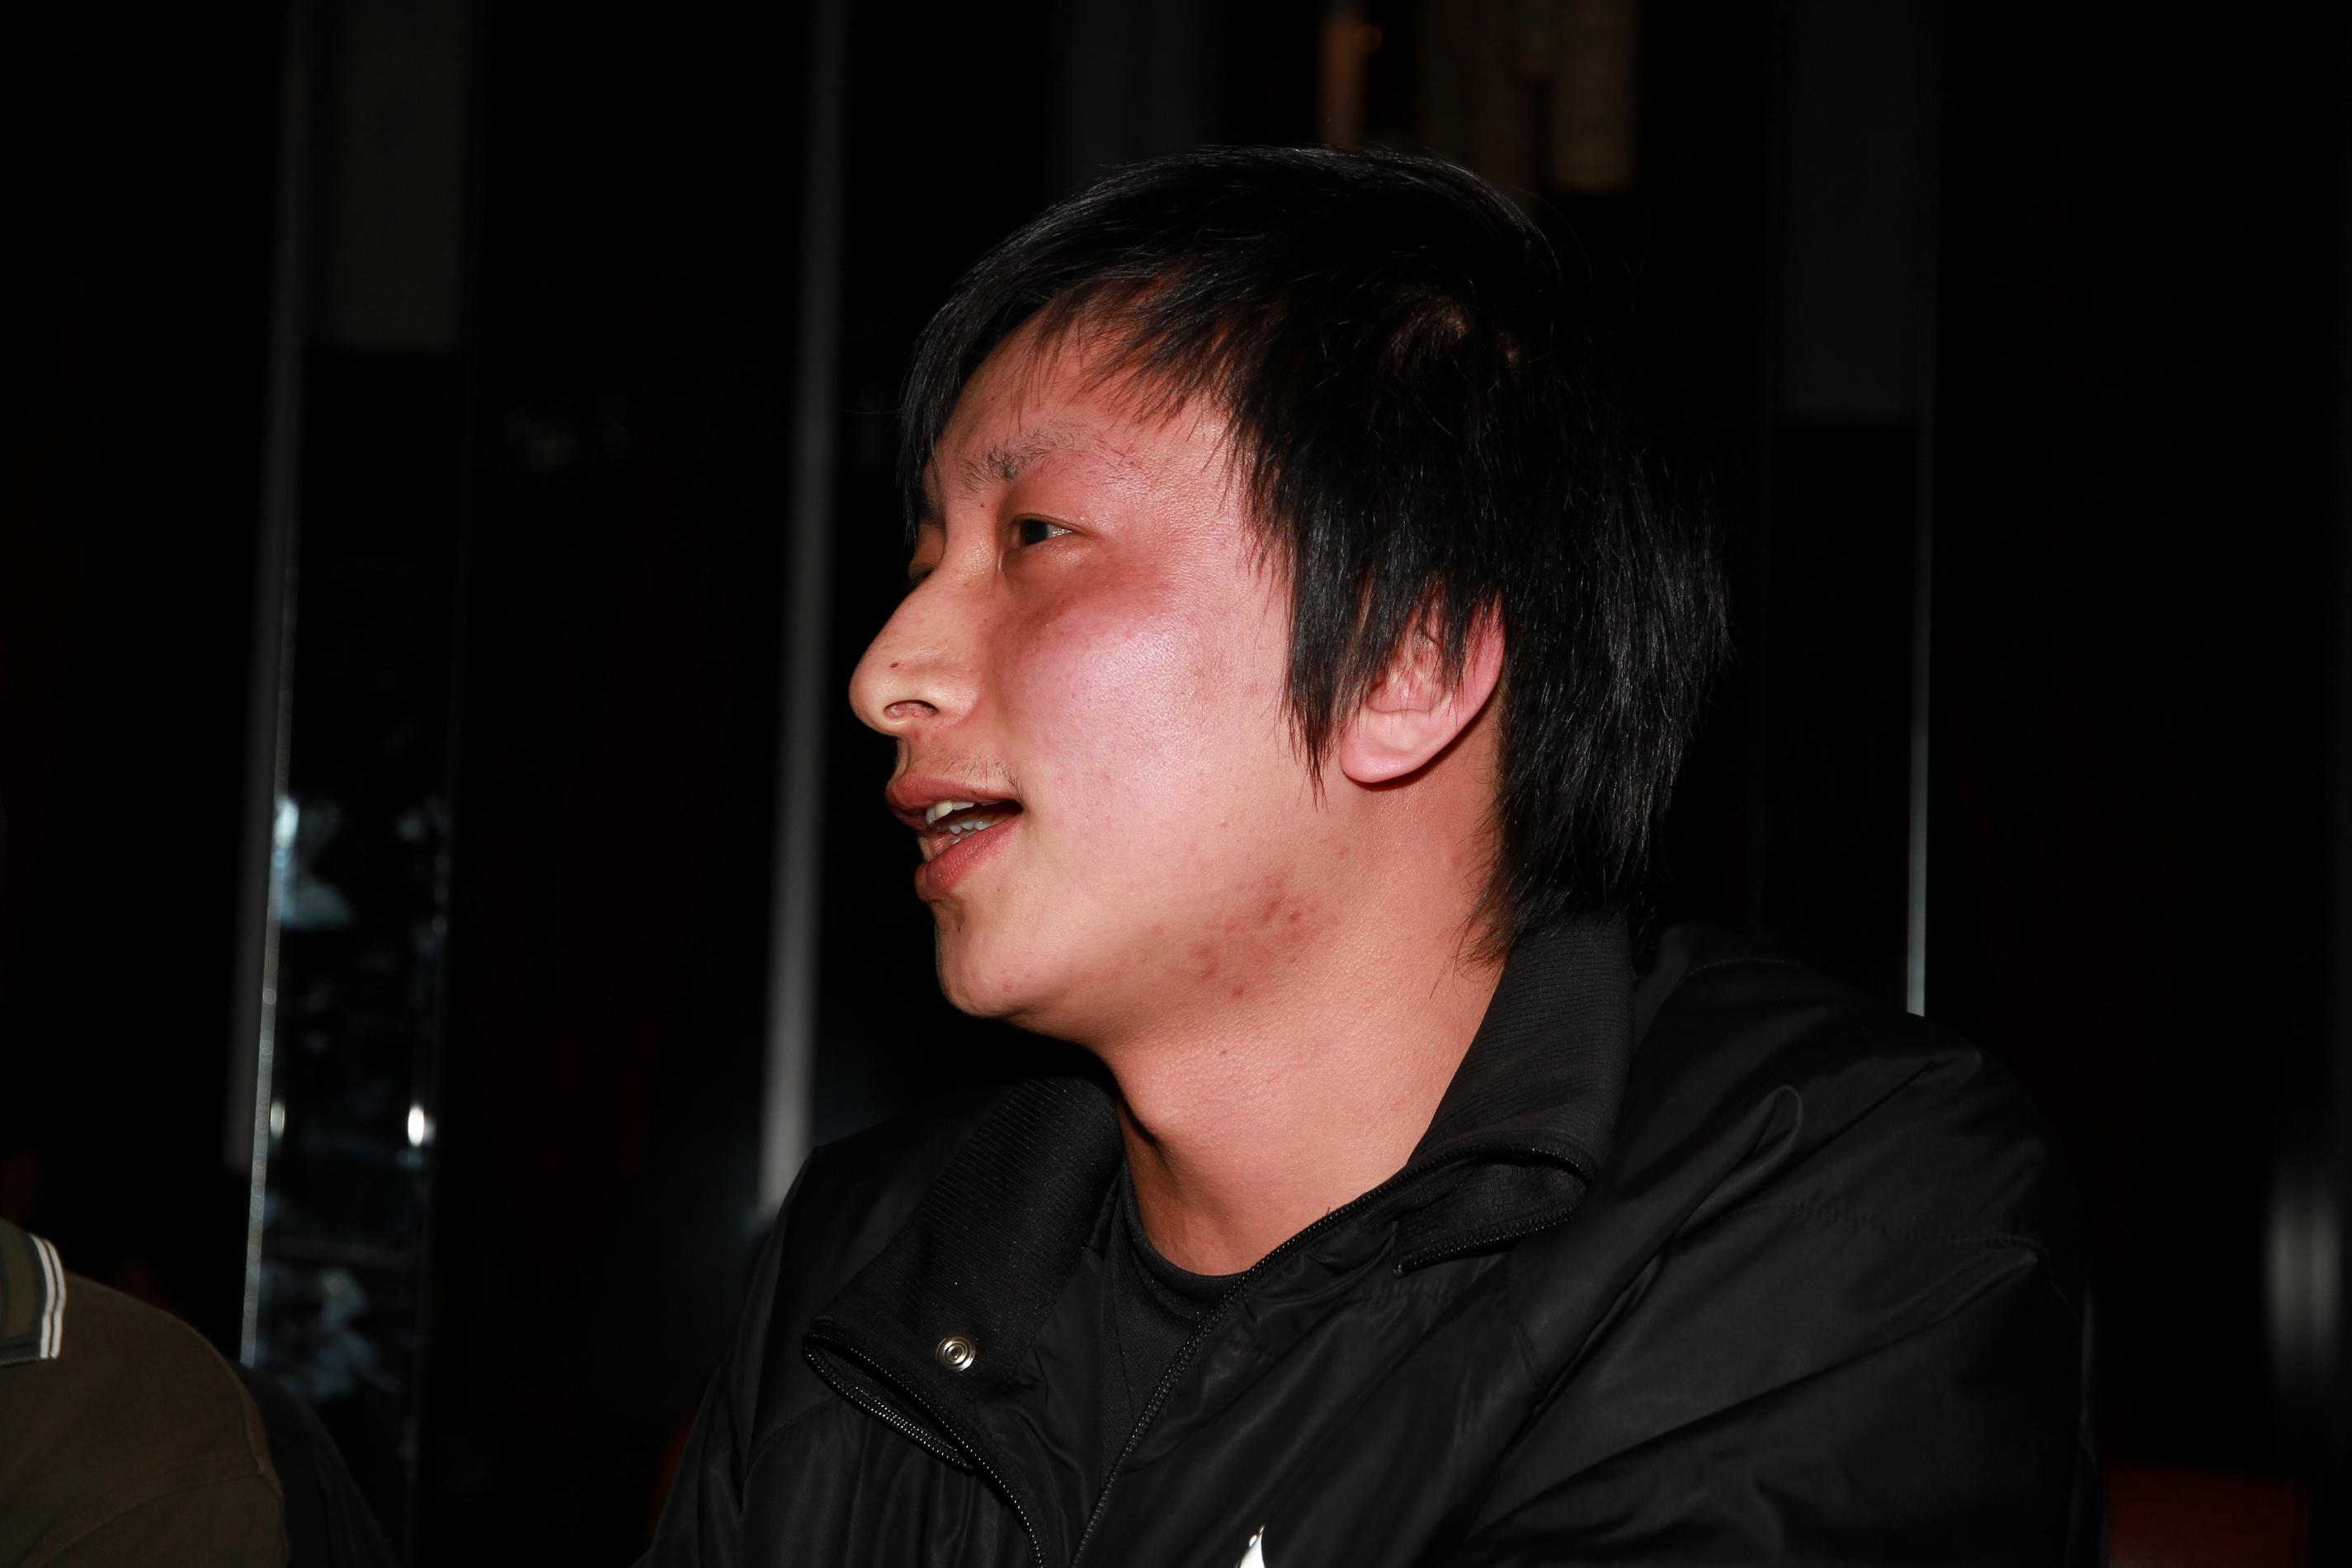 CU400_BeiJing_20100320 (27).JPG